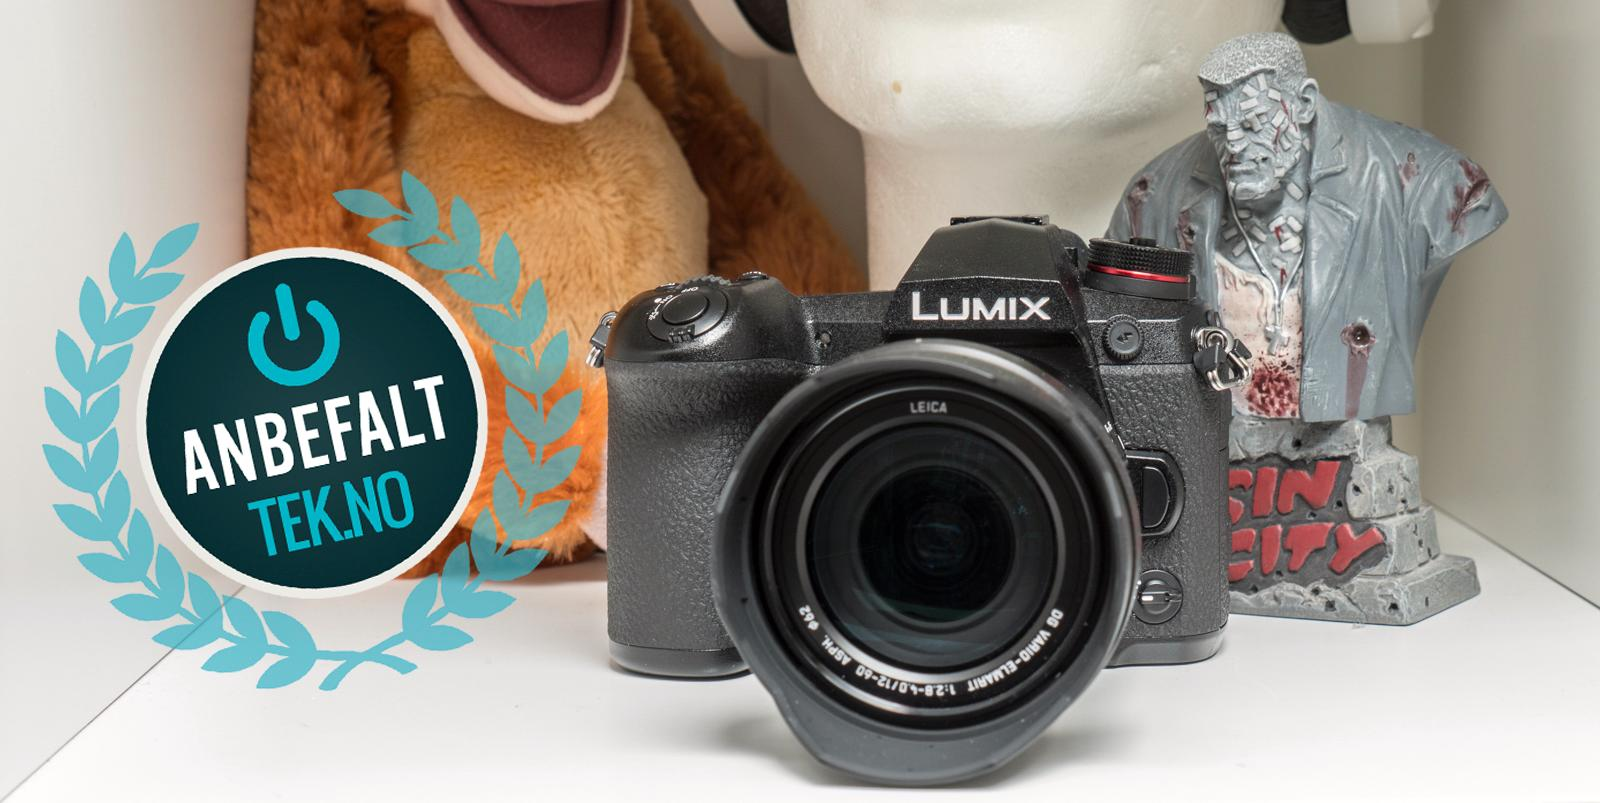 Panasonic Lumix G9 er et helt rått kamera, men det er nesten bare detaljer som skiller det fra OM-D E-M1 II